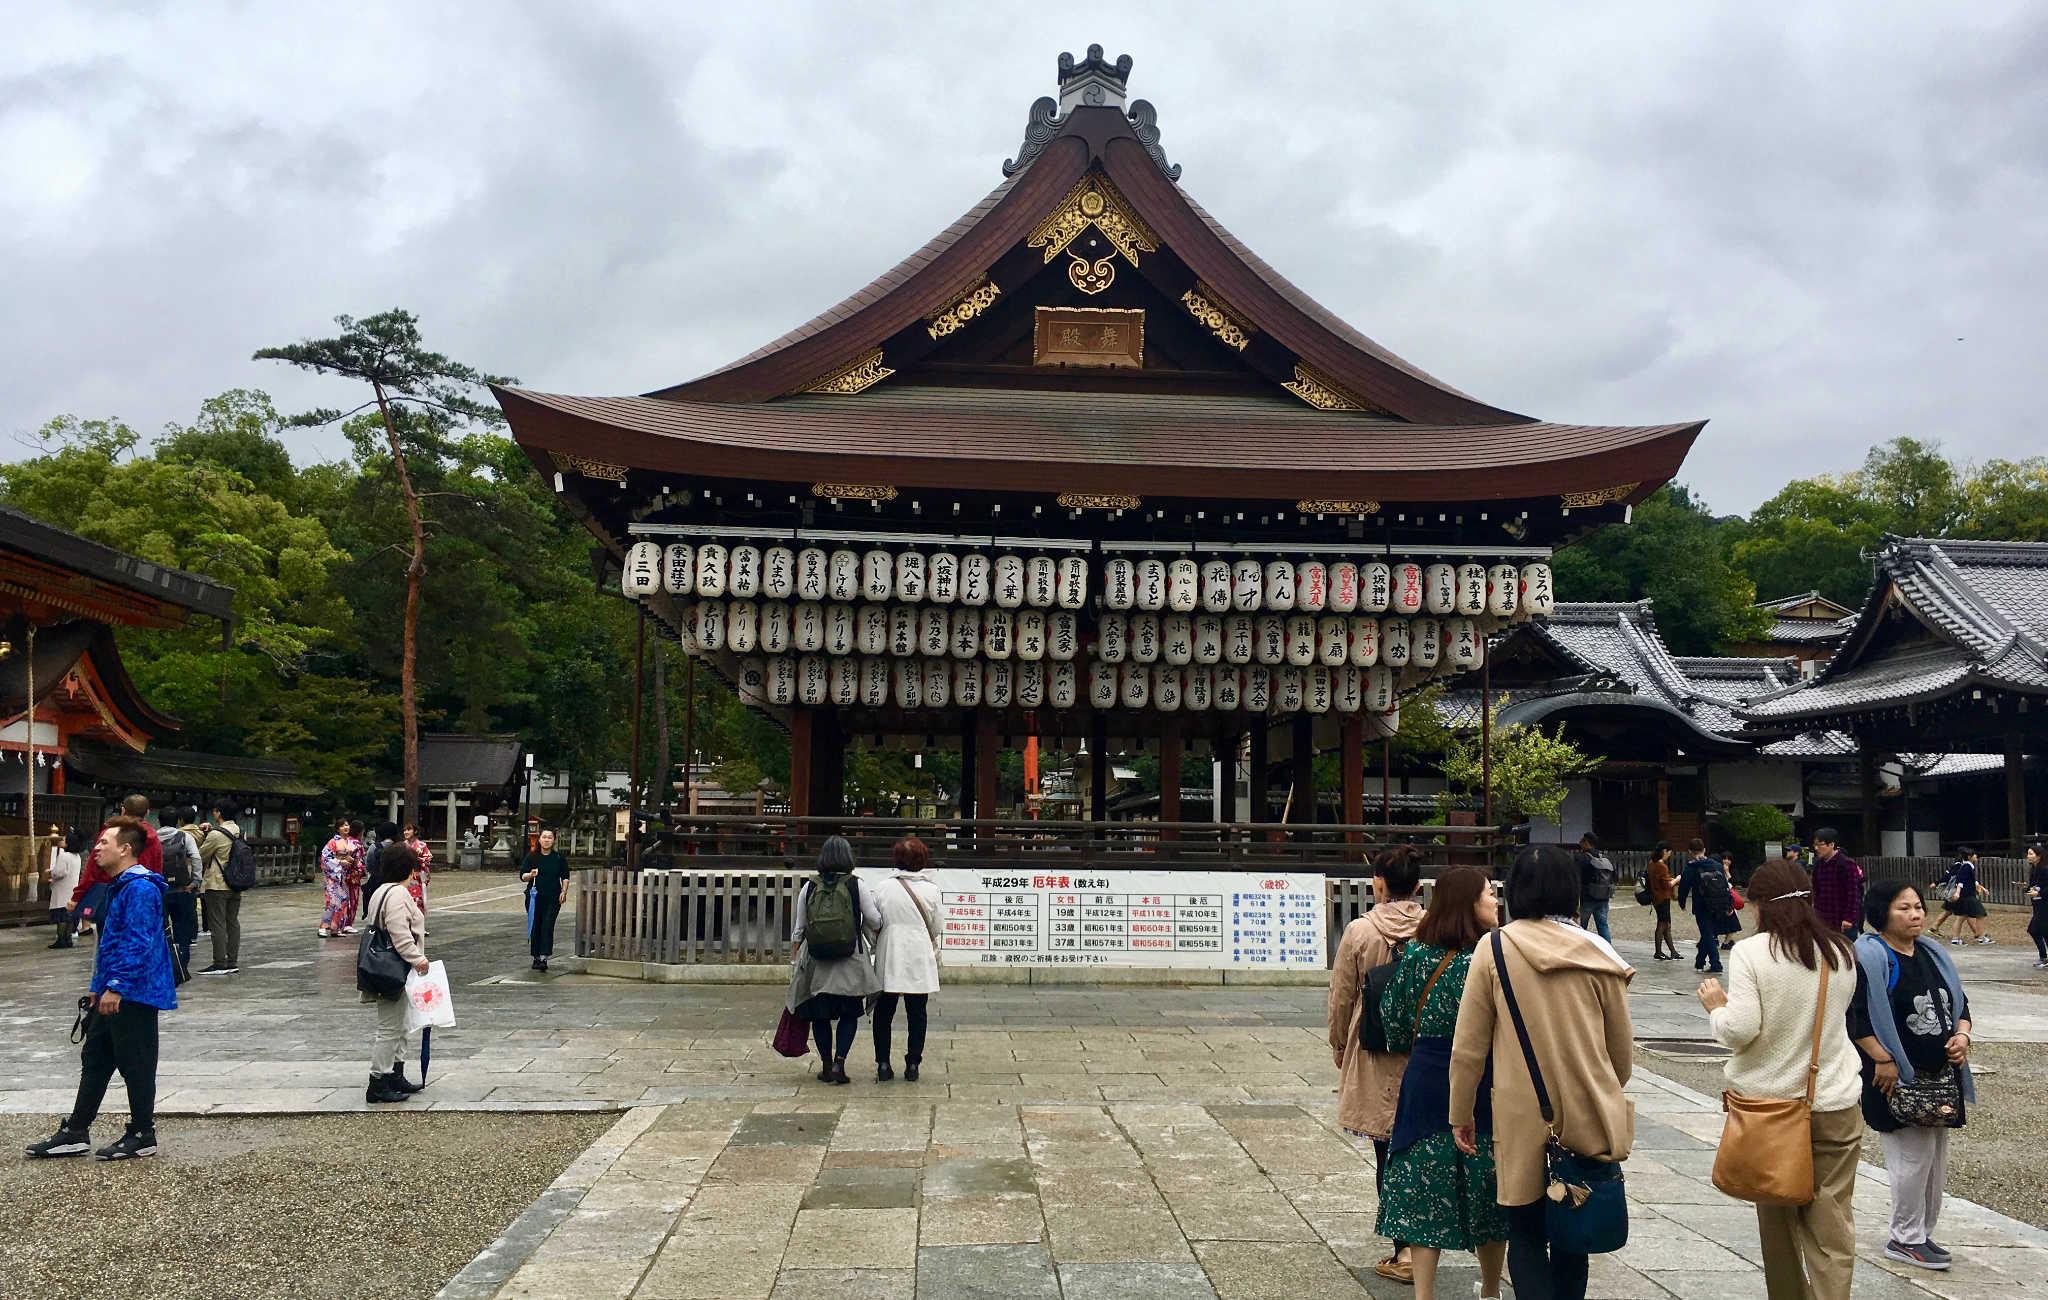 Le sanctuaire Yasaka-jinja et ses dizaines de lanternes qui s'éclairent le soir venu